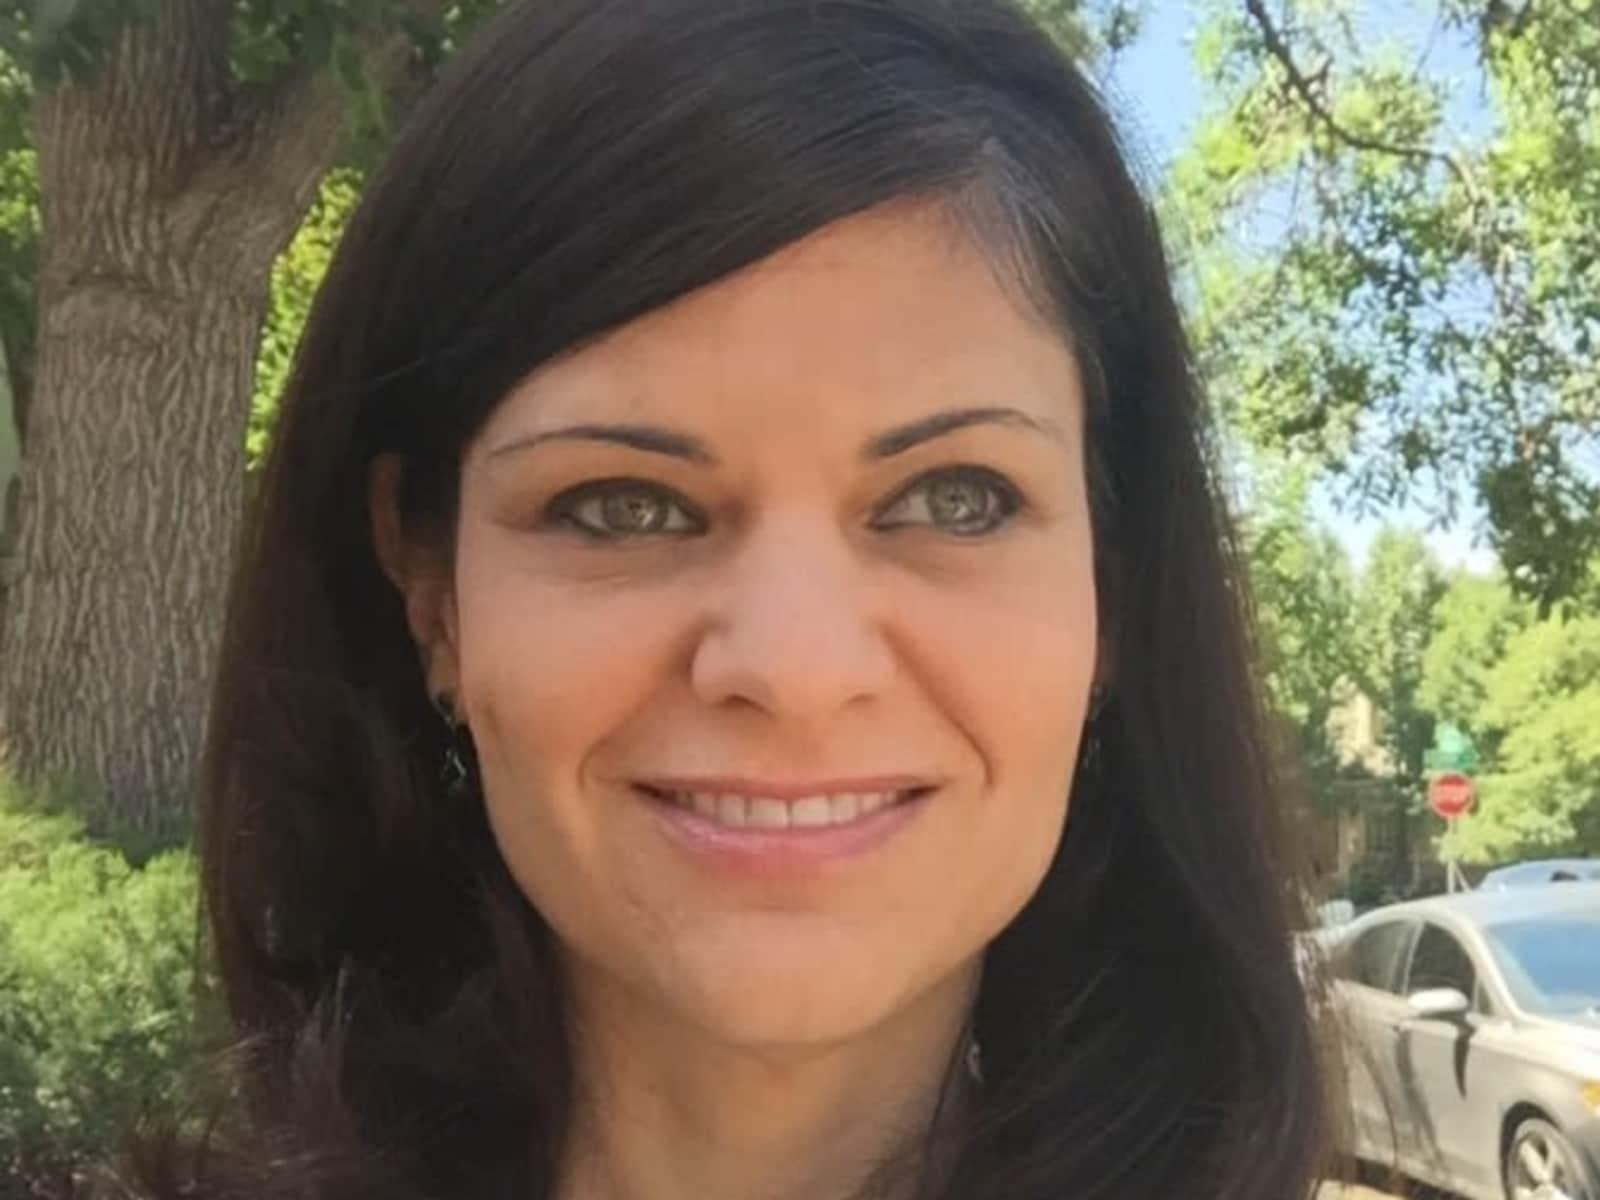 Dana from Denver, Colorado, United States